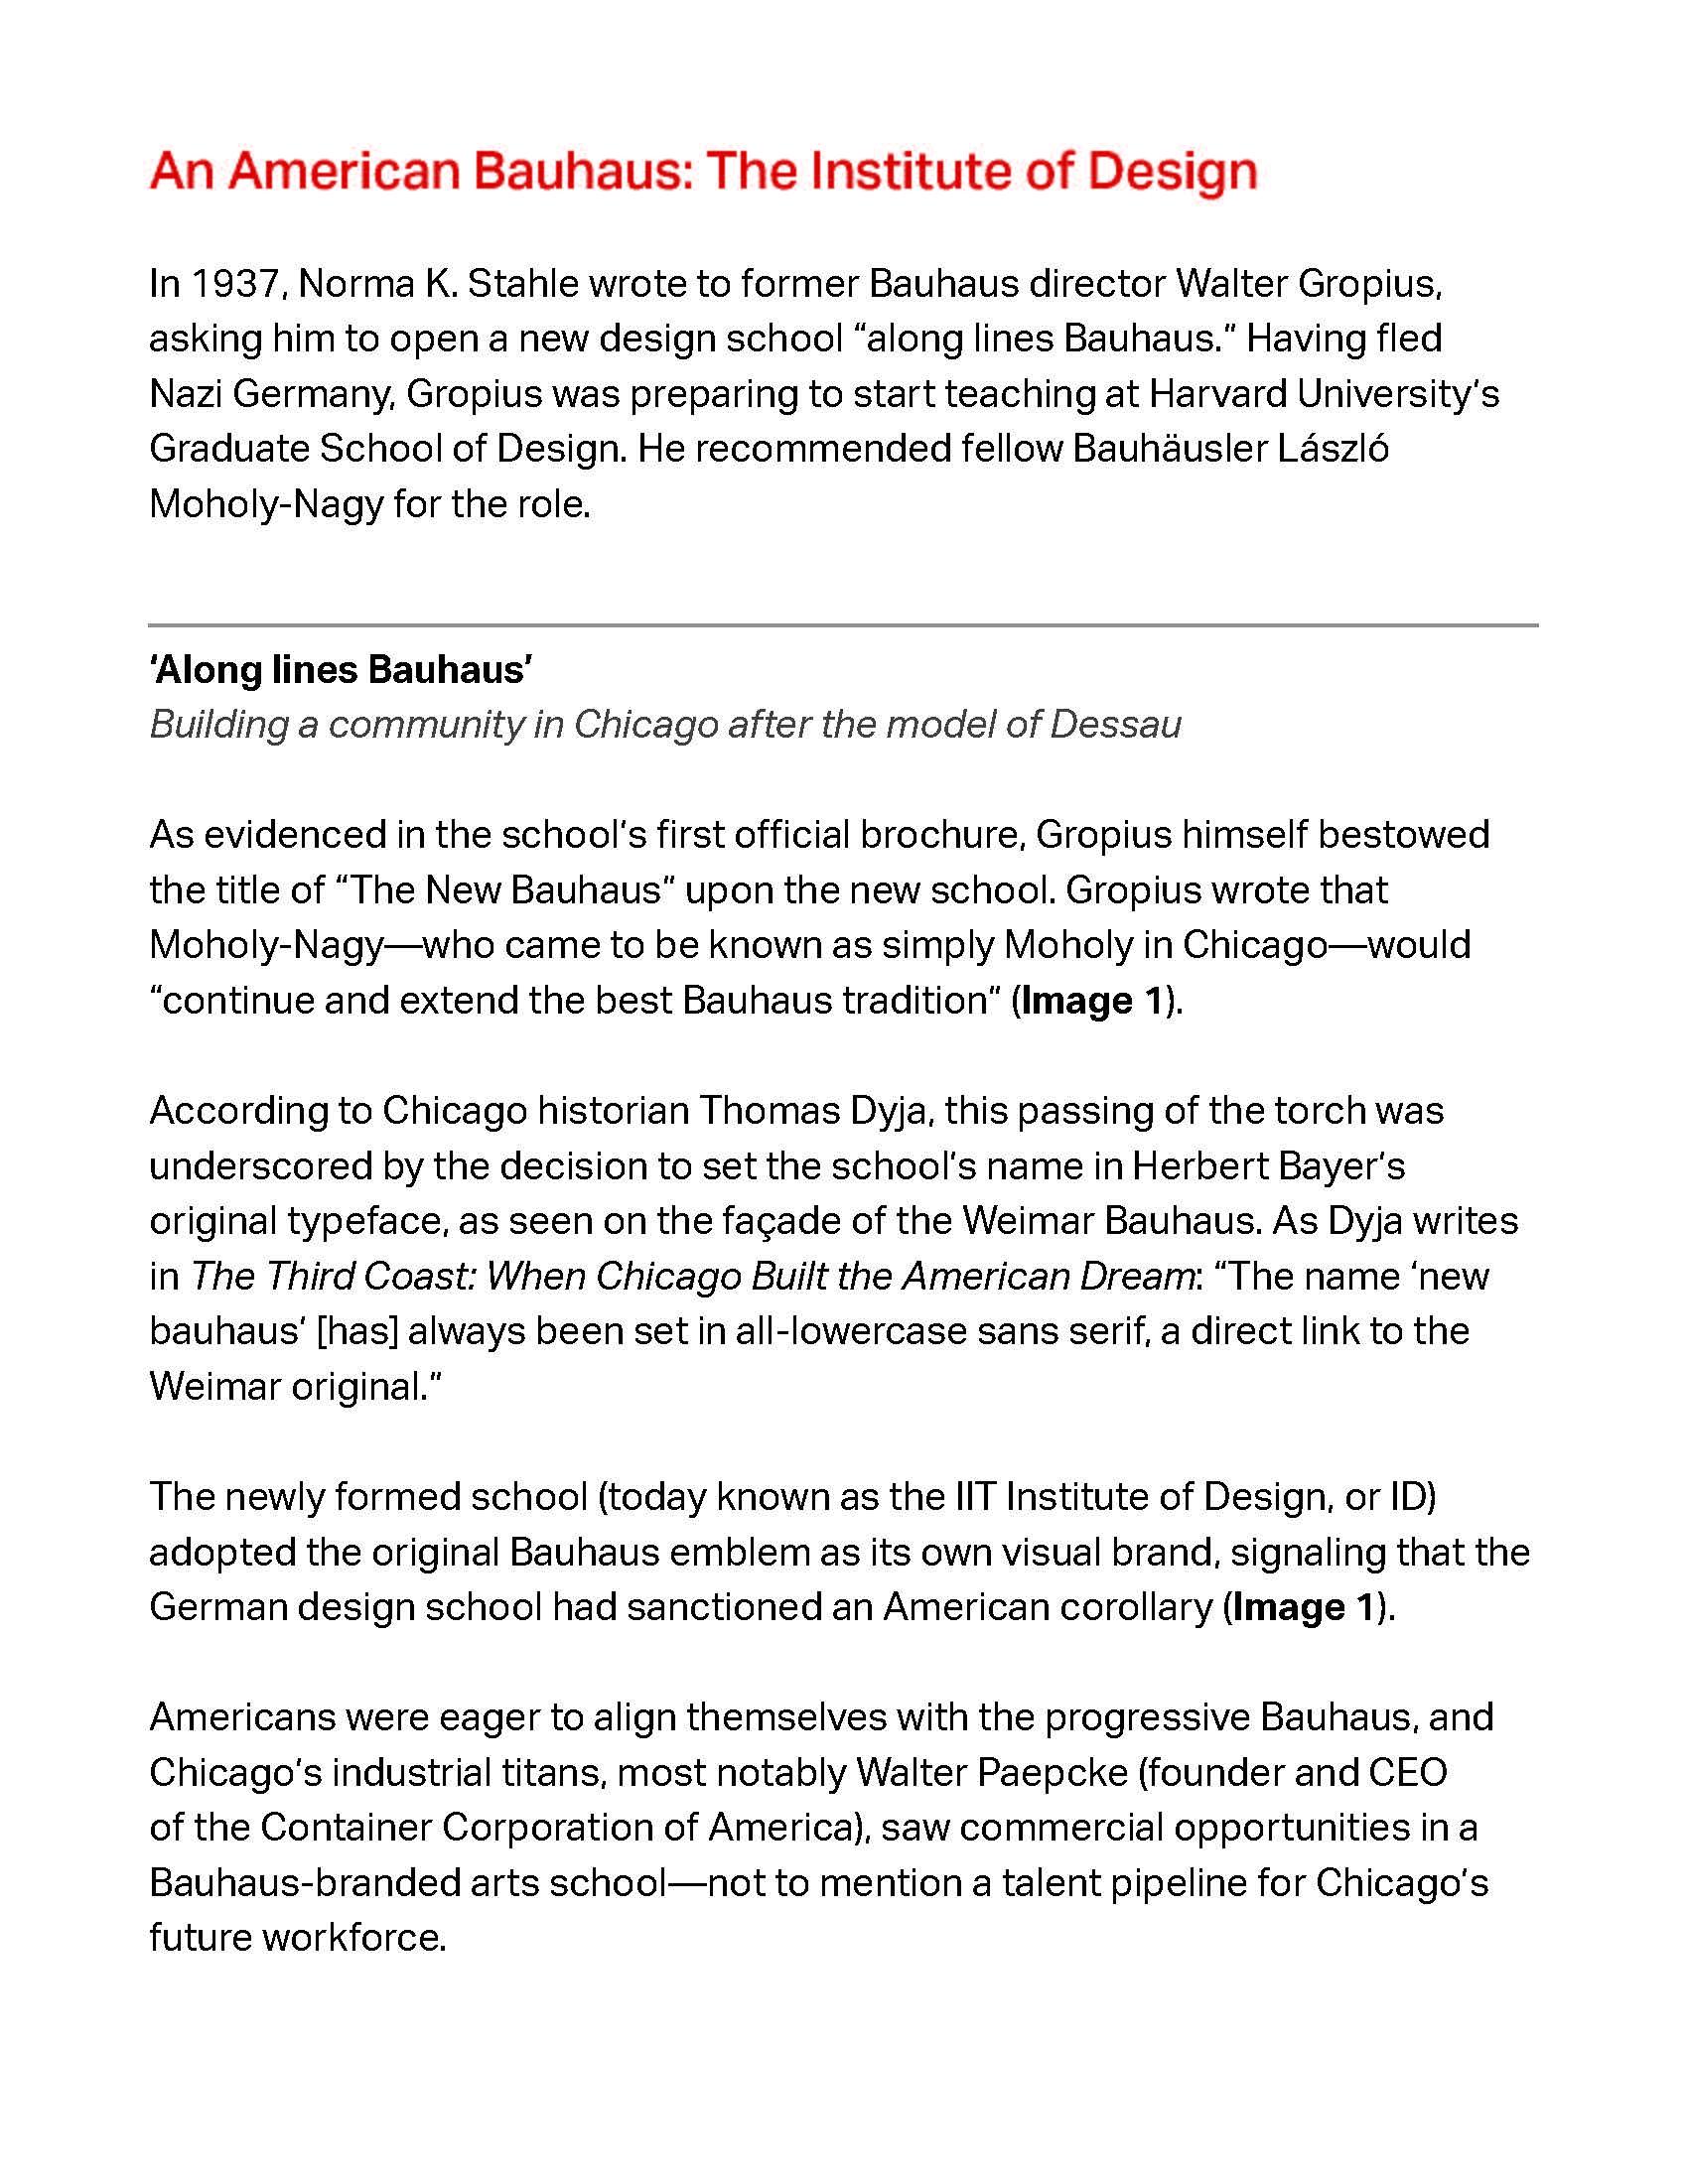 American Bauhaus Text_Page_1.jpg